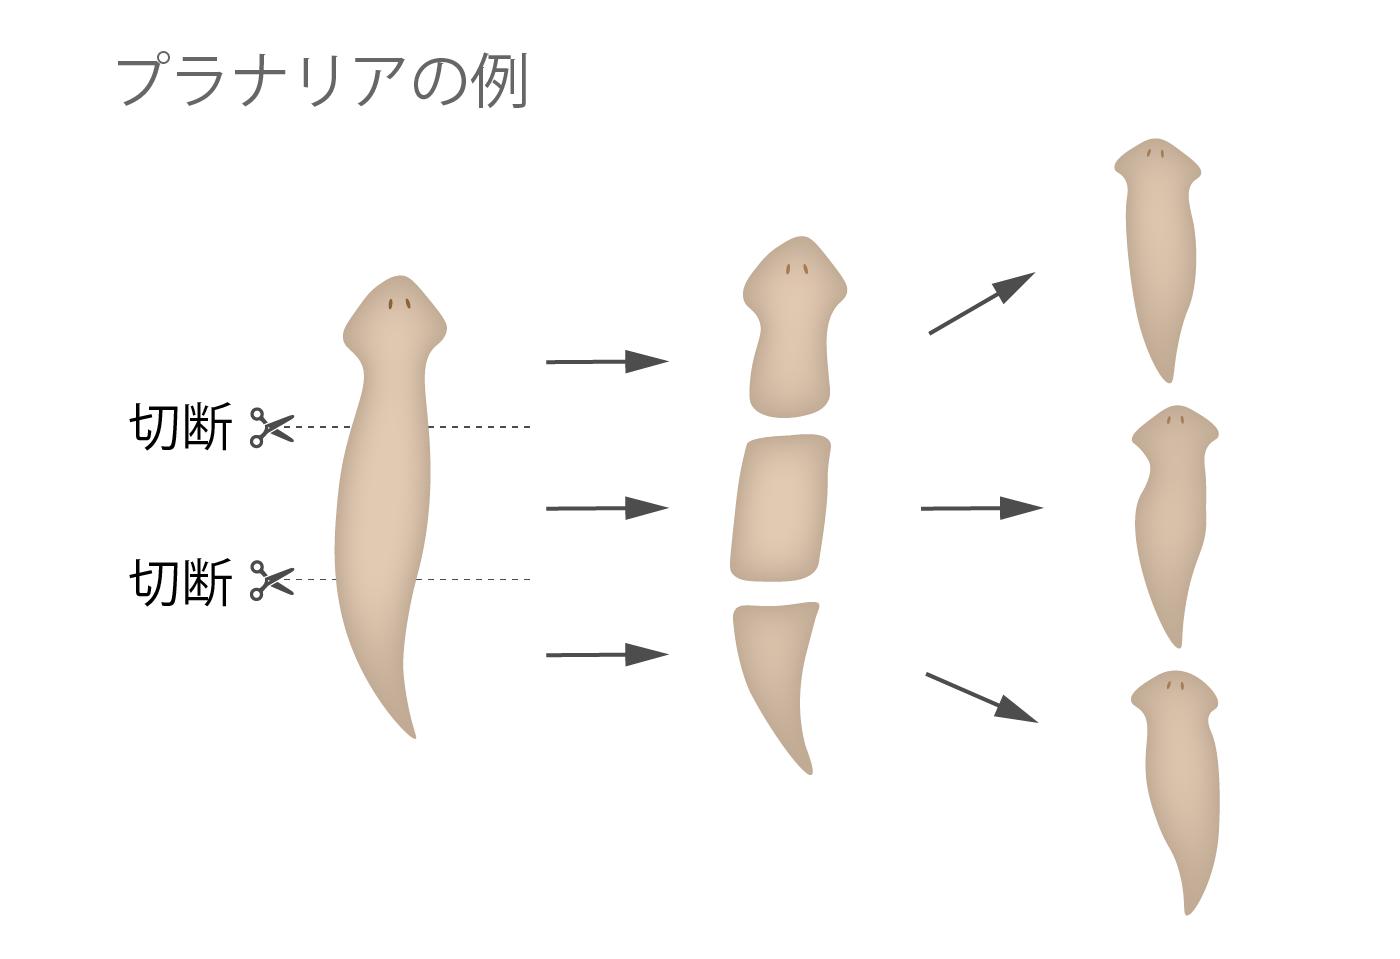 無性生殖 プラナリア